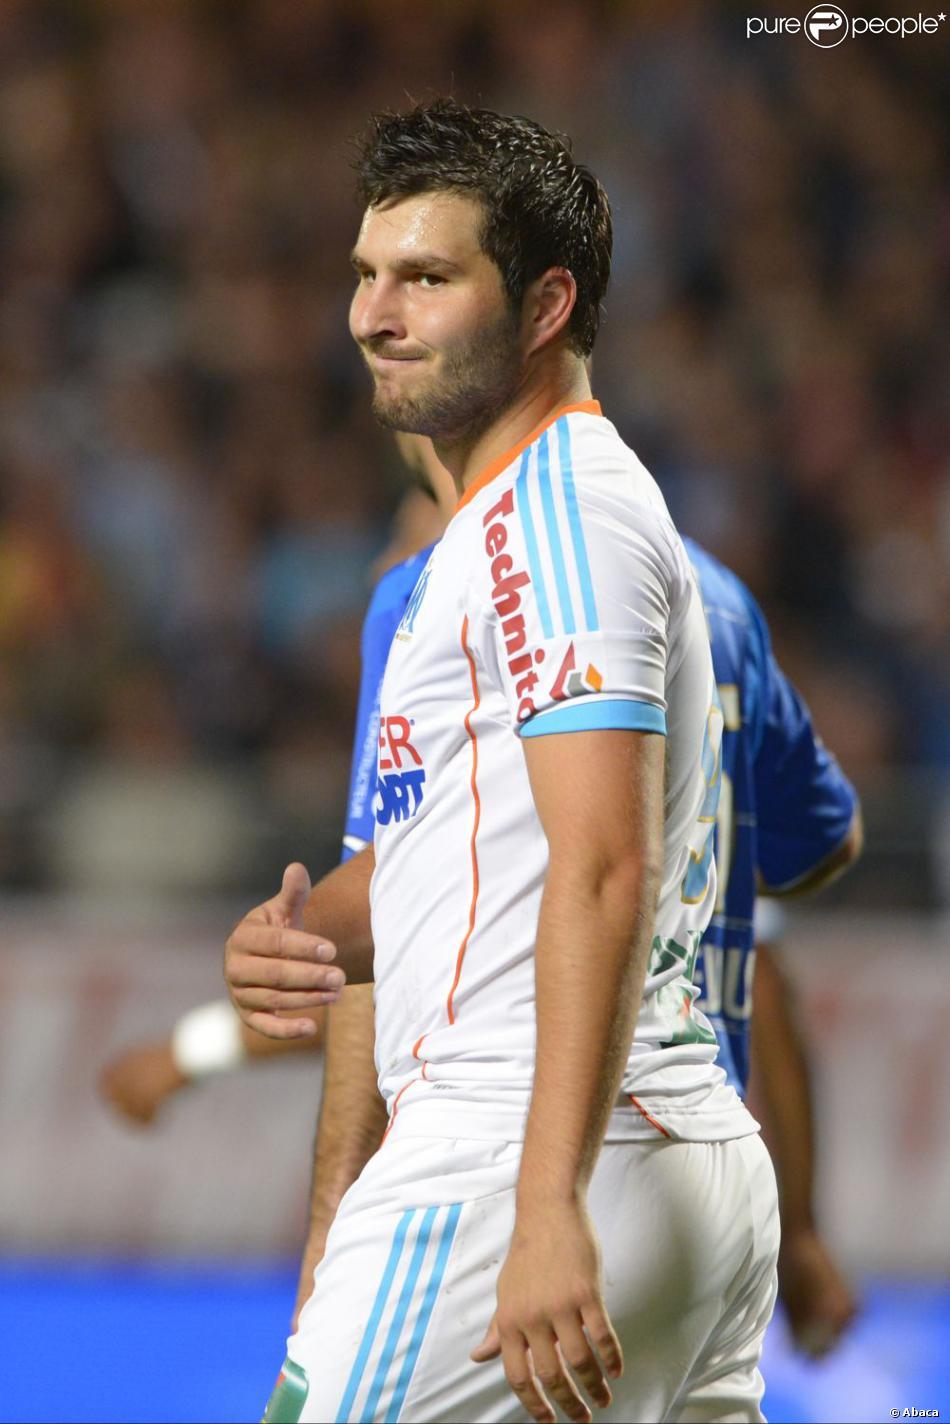 André-Pierre Gignac lors du match entre Troyes et l'Olympique de Marseille au Stade de l'Aube à Troyes le 21 octobre 2012